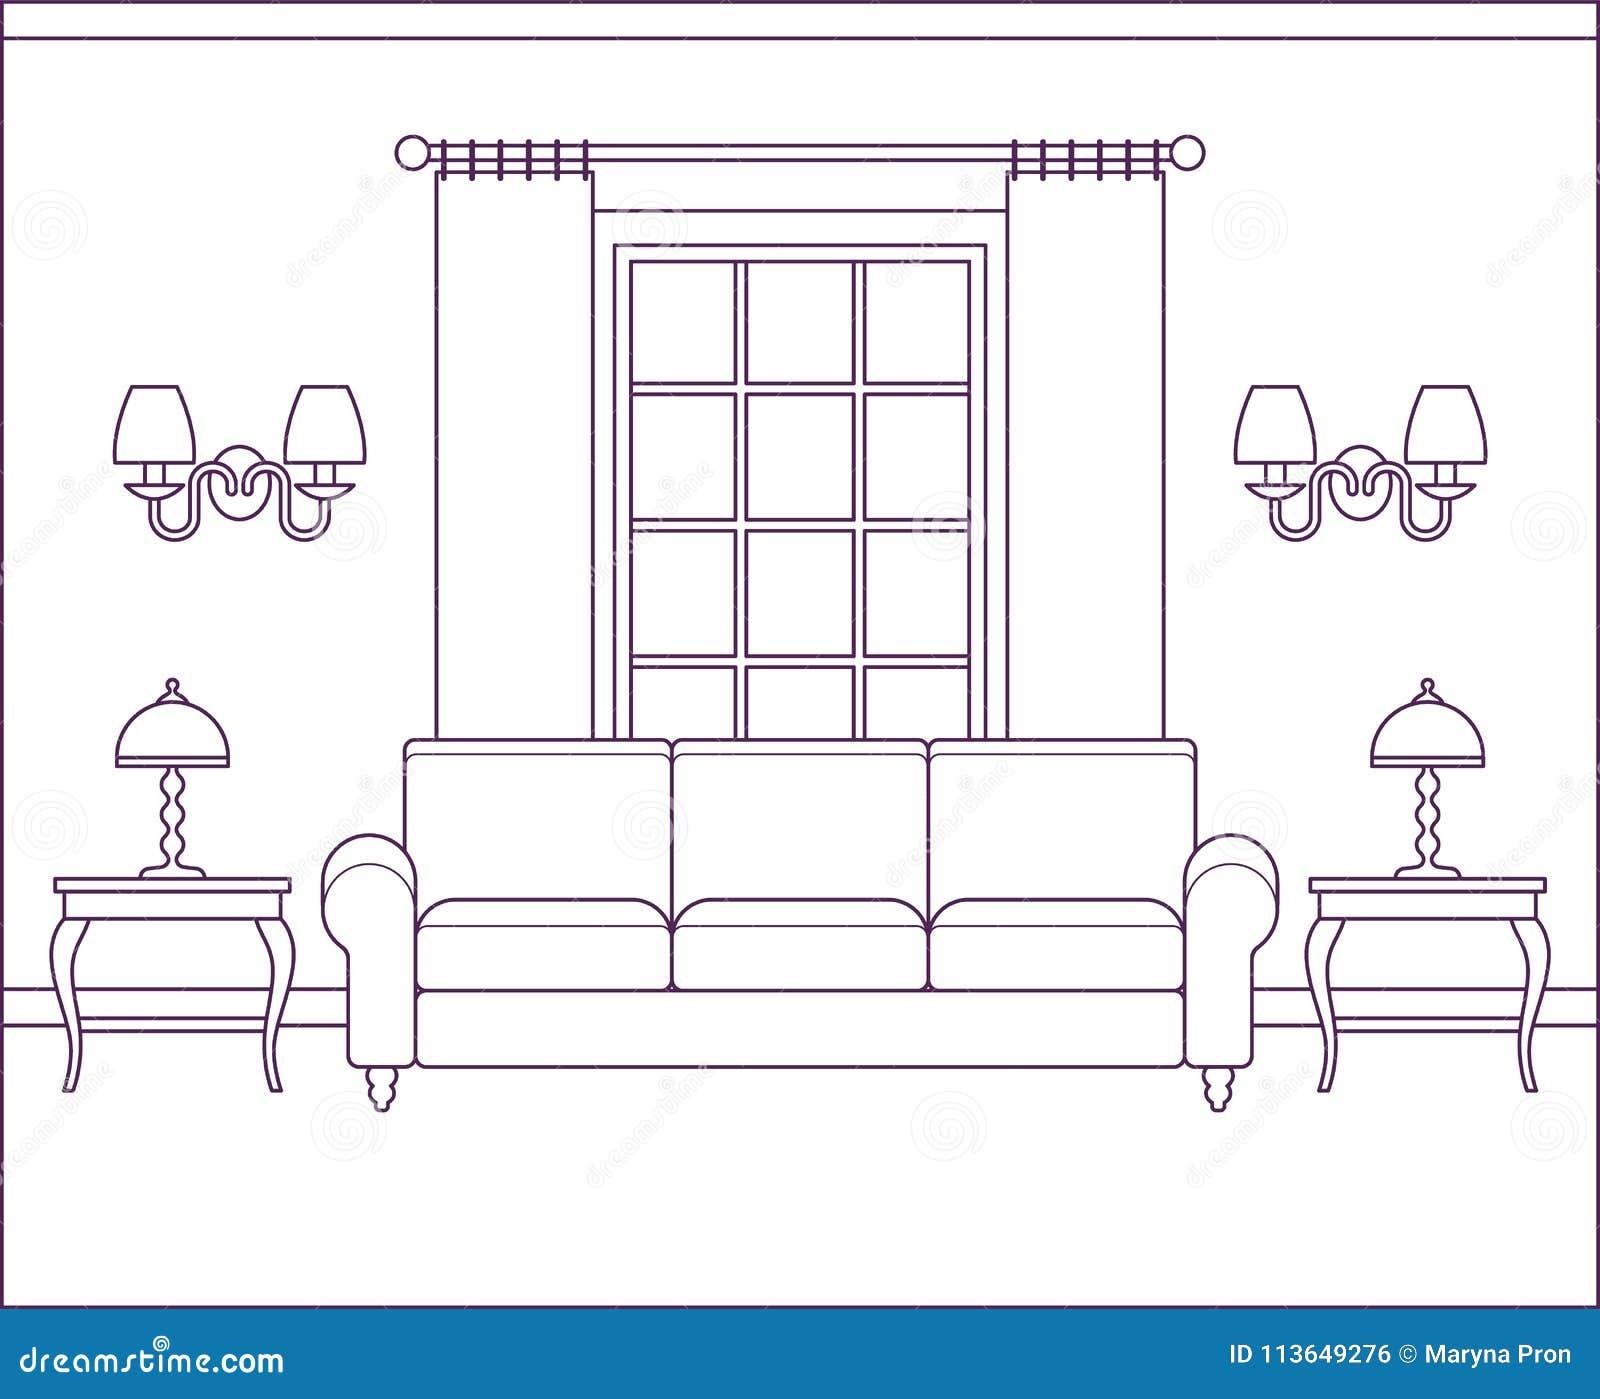 Living Room Interior In Flat Design. Linear Vector Illustration ...